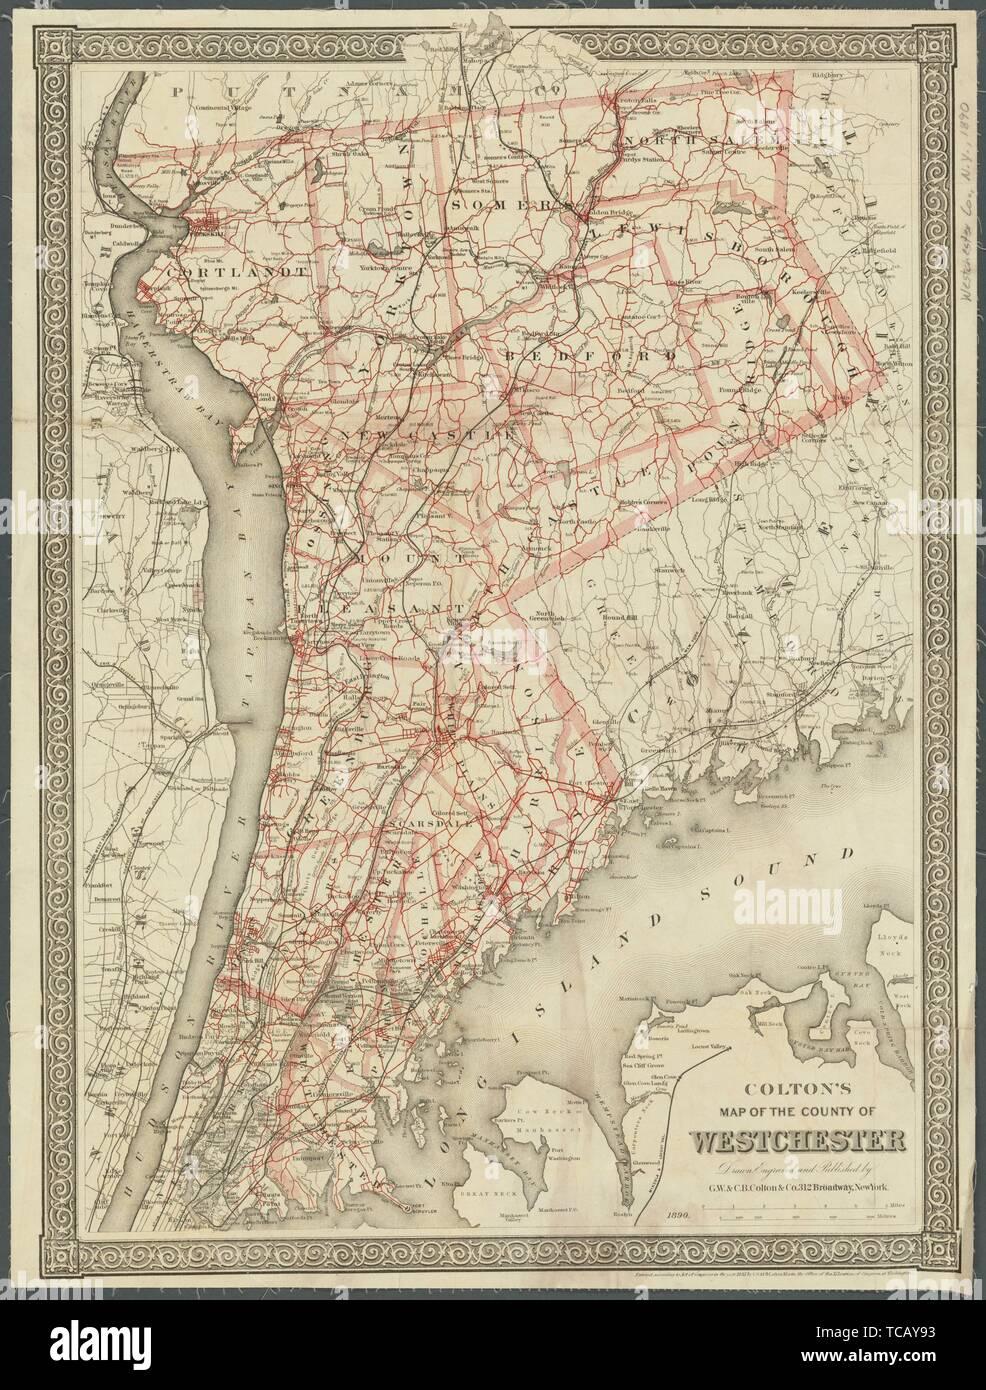 Colton la mappa della contea di Westchester titolo aggiuntivo: Mappa della contea di Westchester. G.W. & C.B. Colton & Co. (Publisher). Mappe di New York Foto Stock